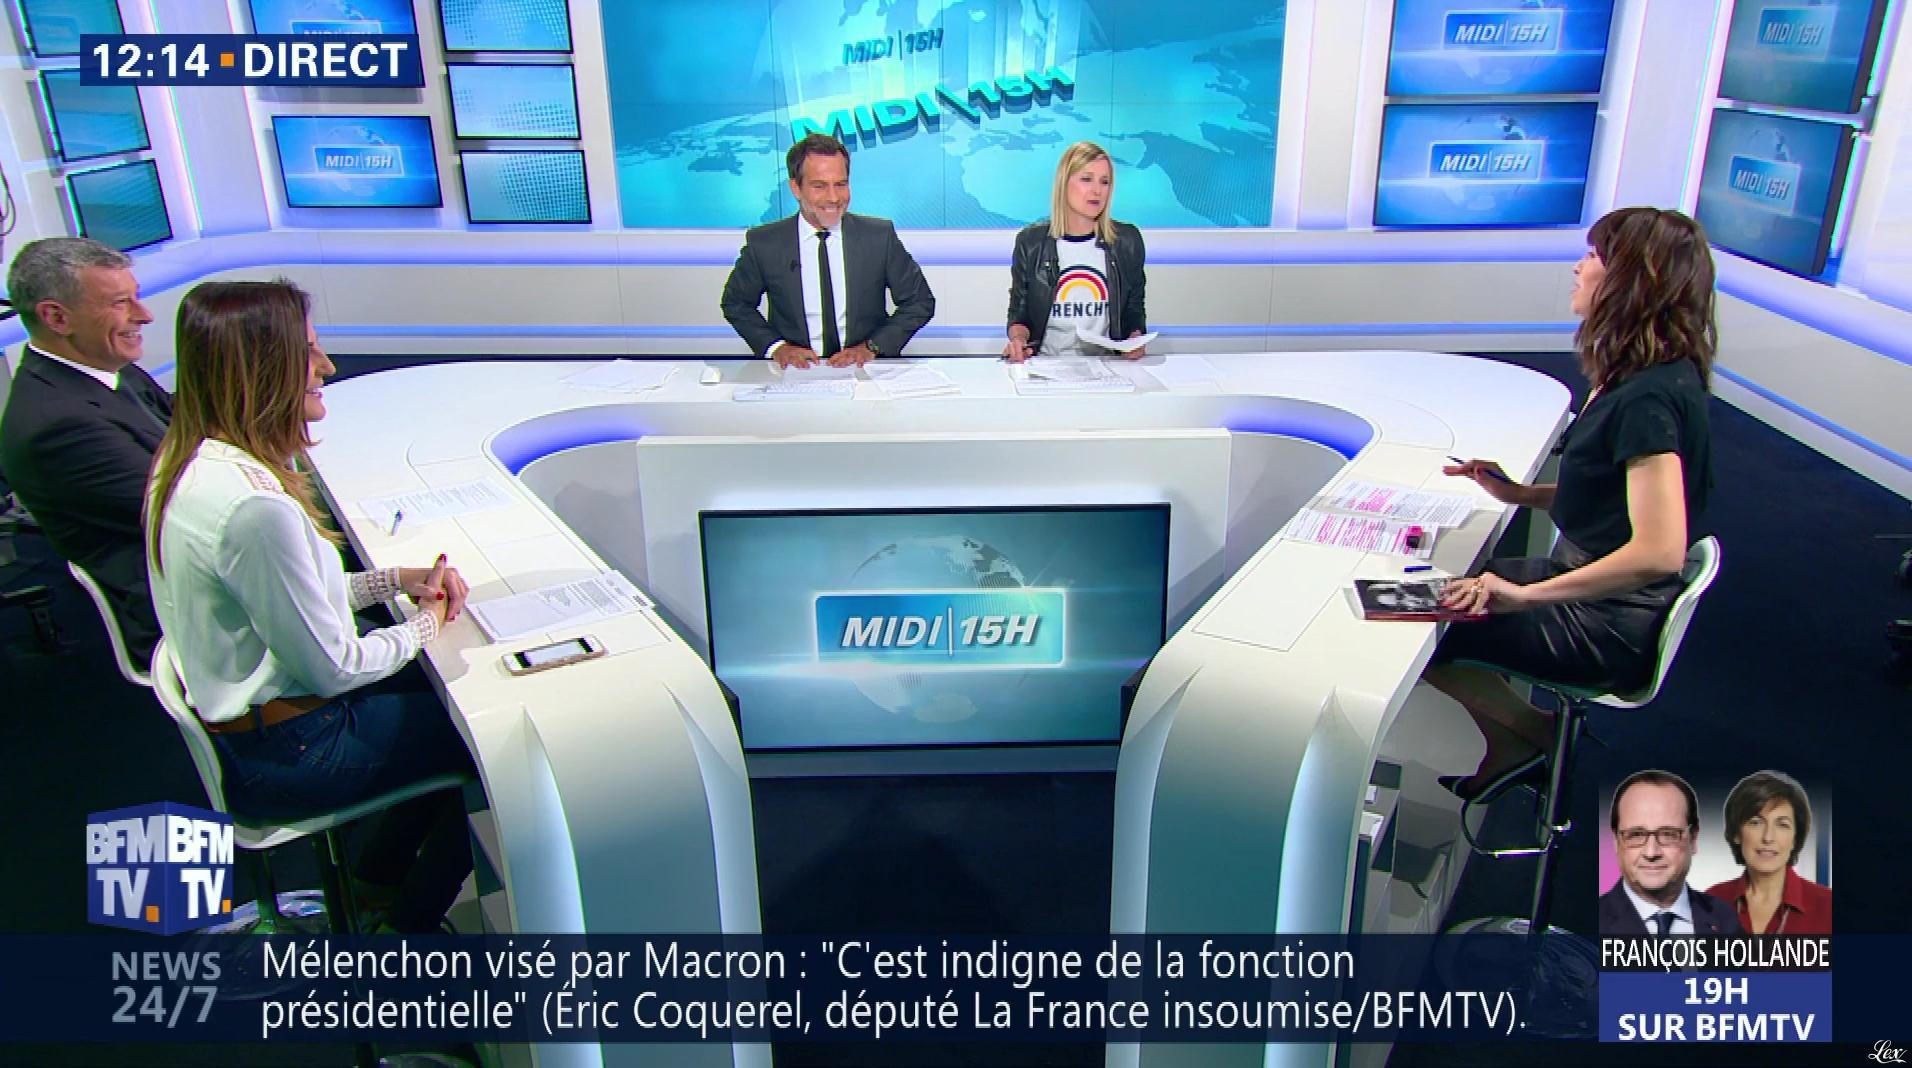 Candice Mahout dans le Midi-15h. Diffusé à la télévision le 03/05/18.